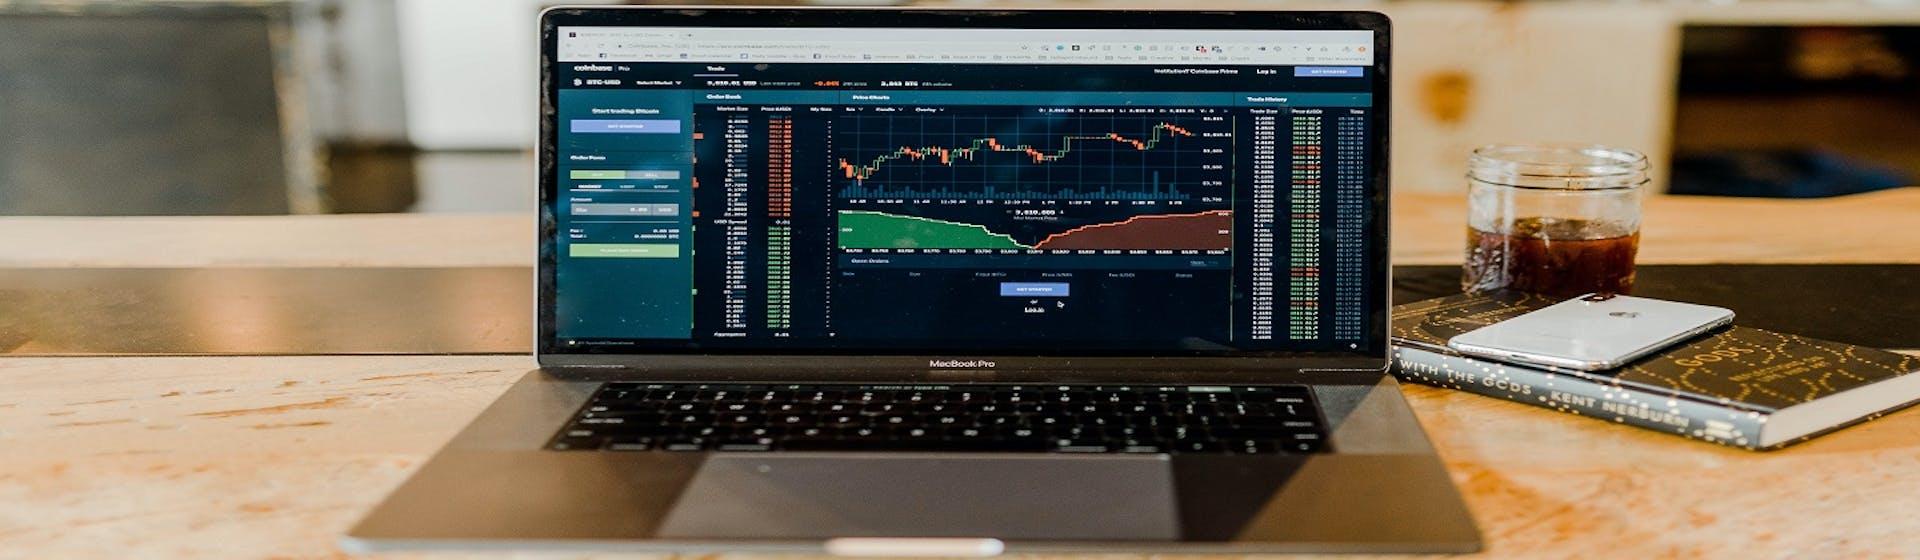 ¿Qué es el trading?: ¡Haz que tu dinero te genere ganancias!